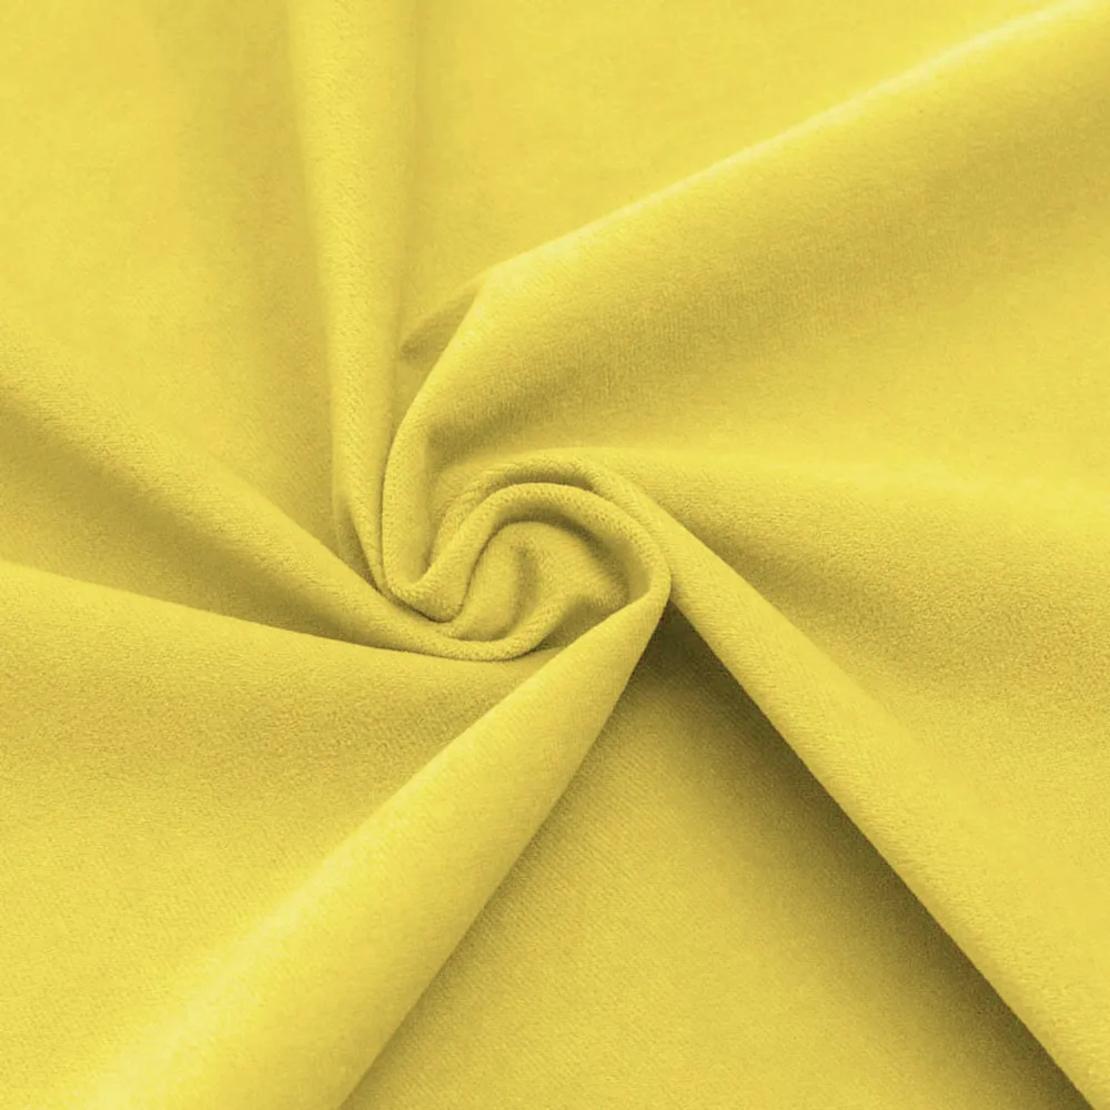 פוף אגס קטיפה | צהוב